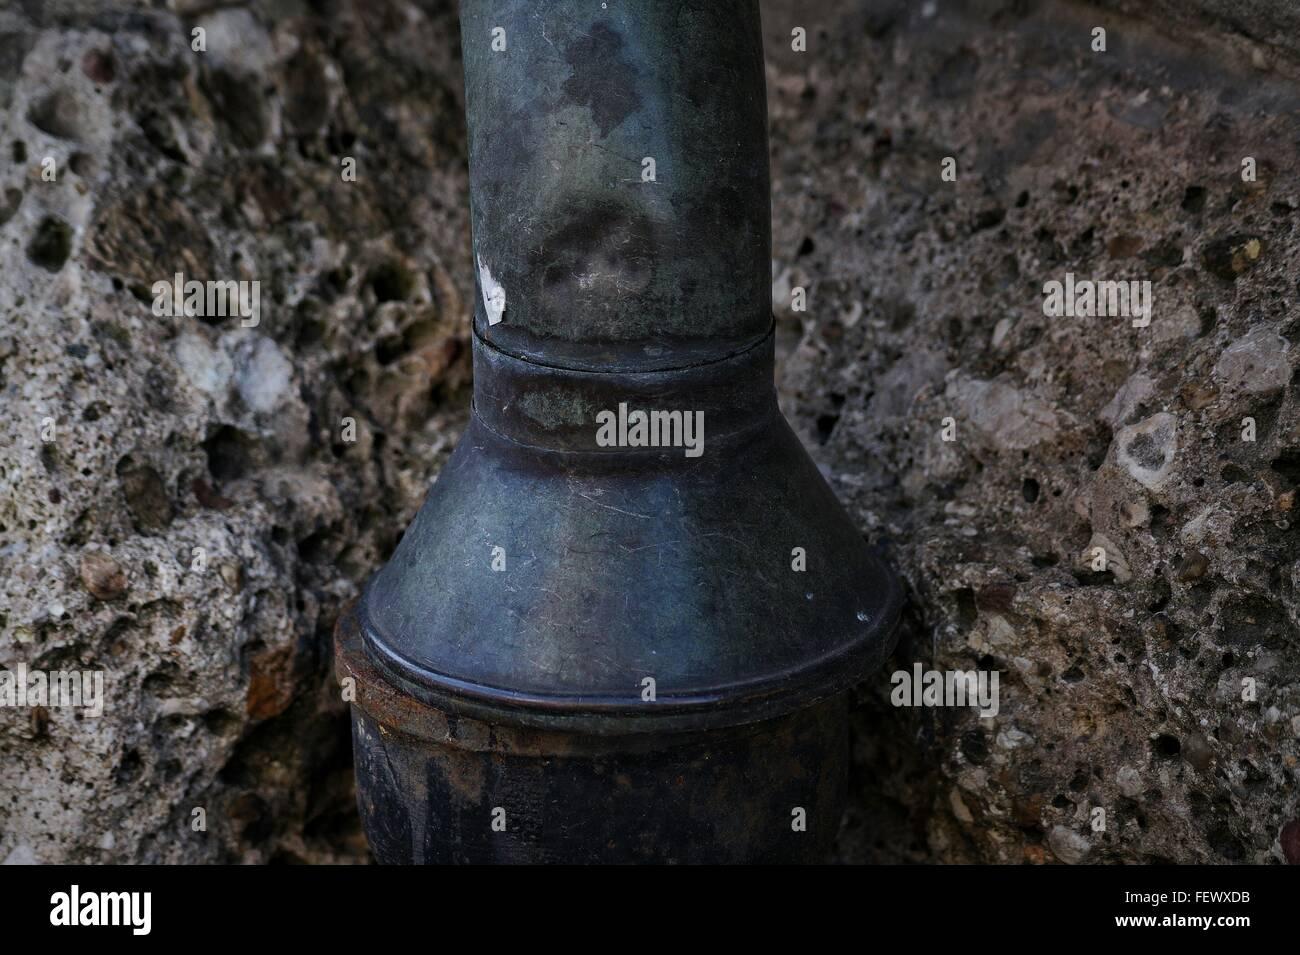 Nahaufnahme von Rusty Erschöpfung Rohr Stockbild